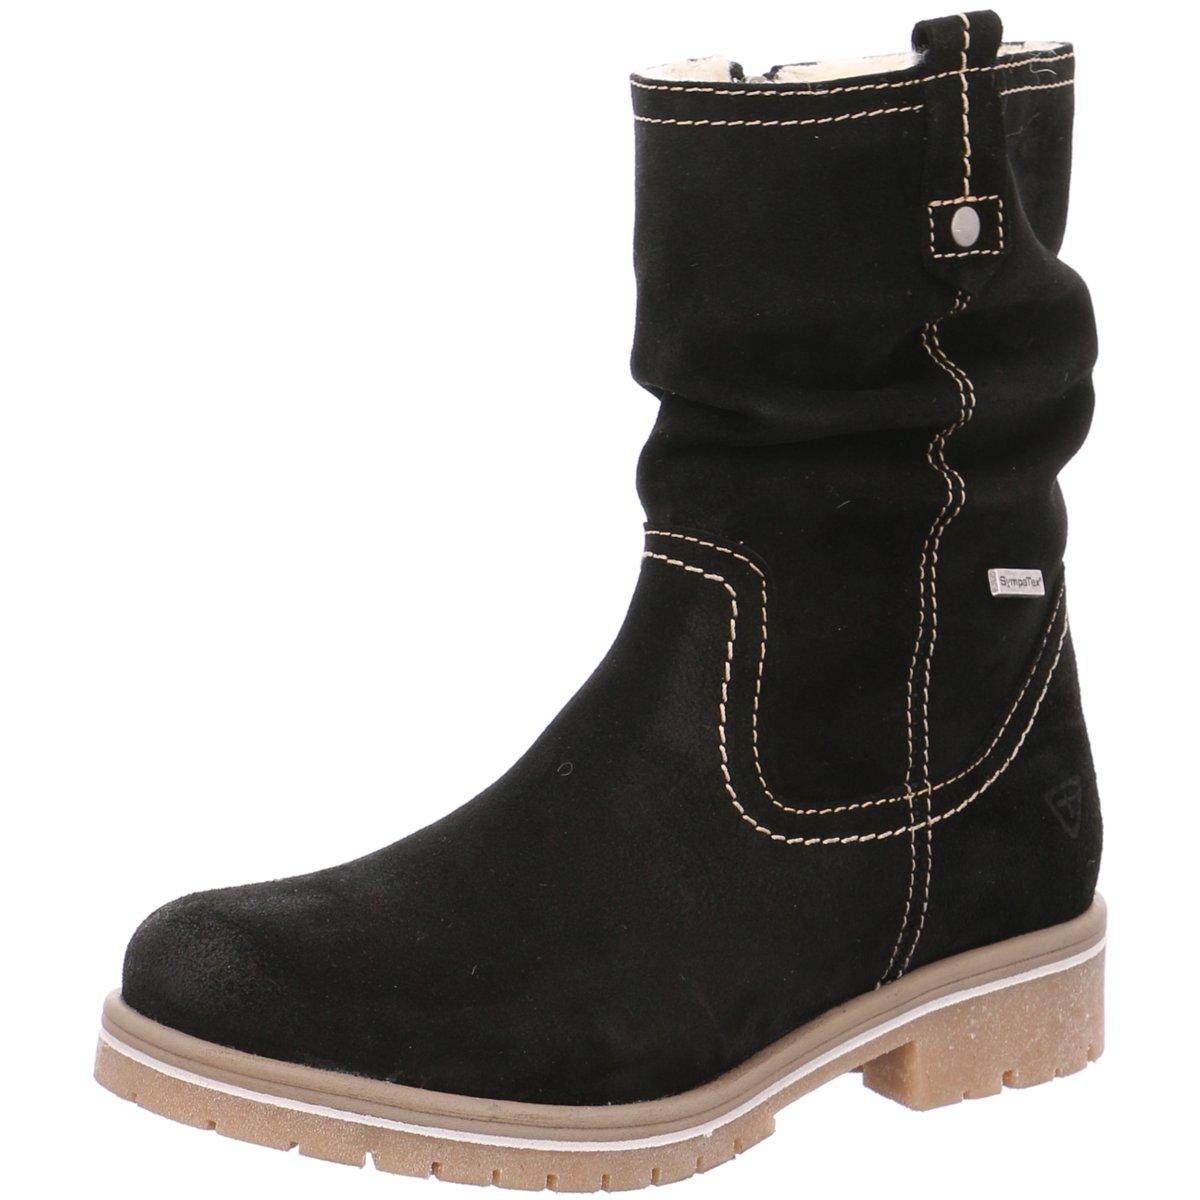 Damen Tamaris Stiefel 186622 schwarz 001 1 1 26471 27